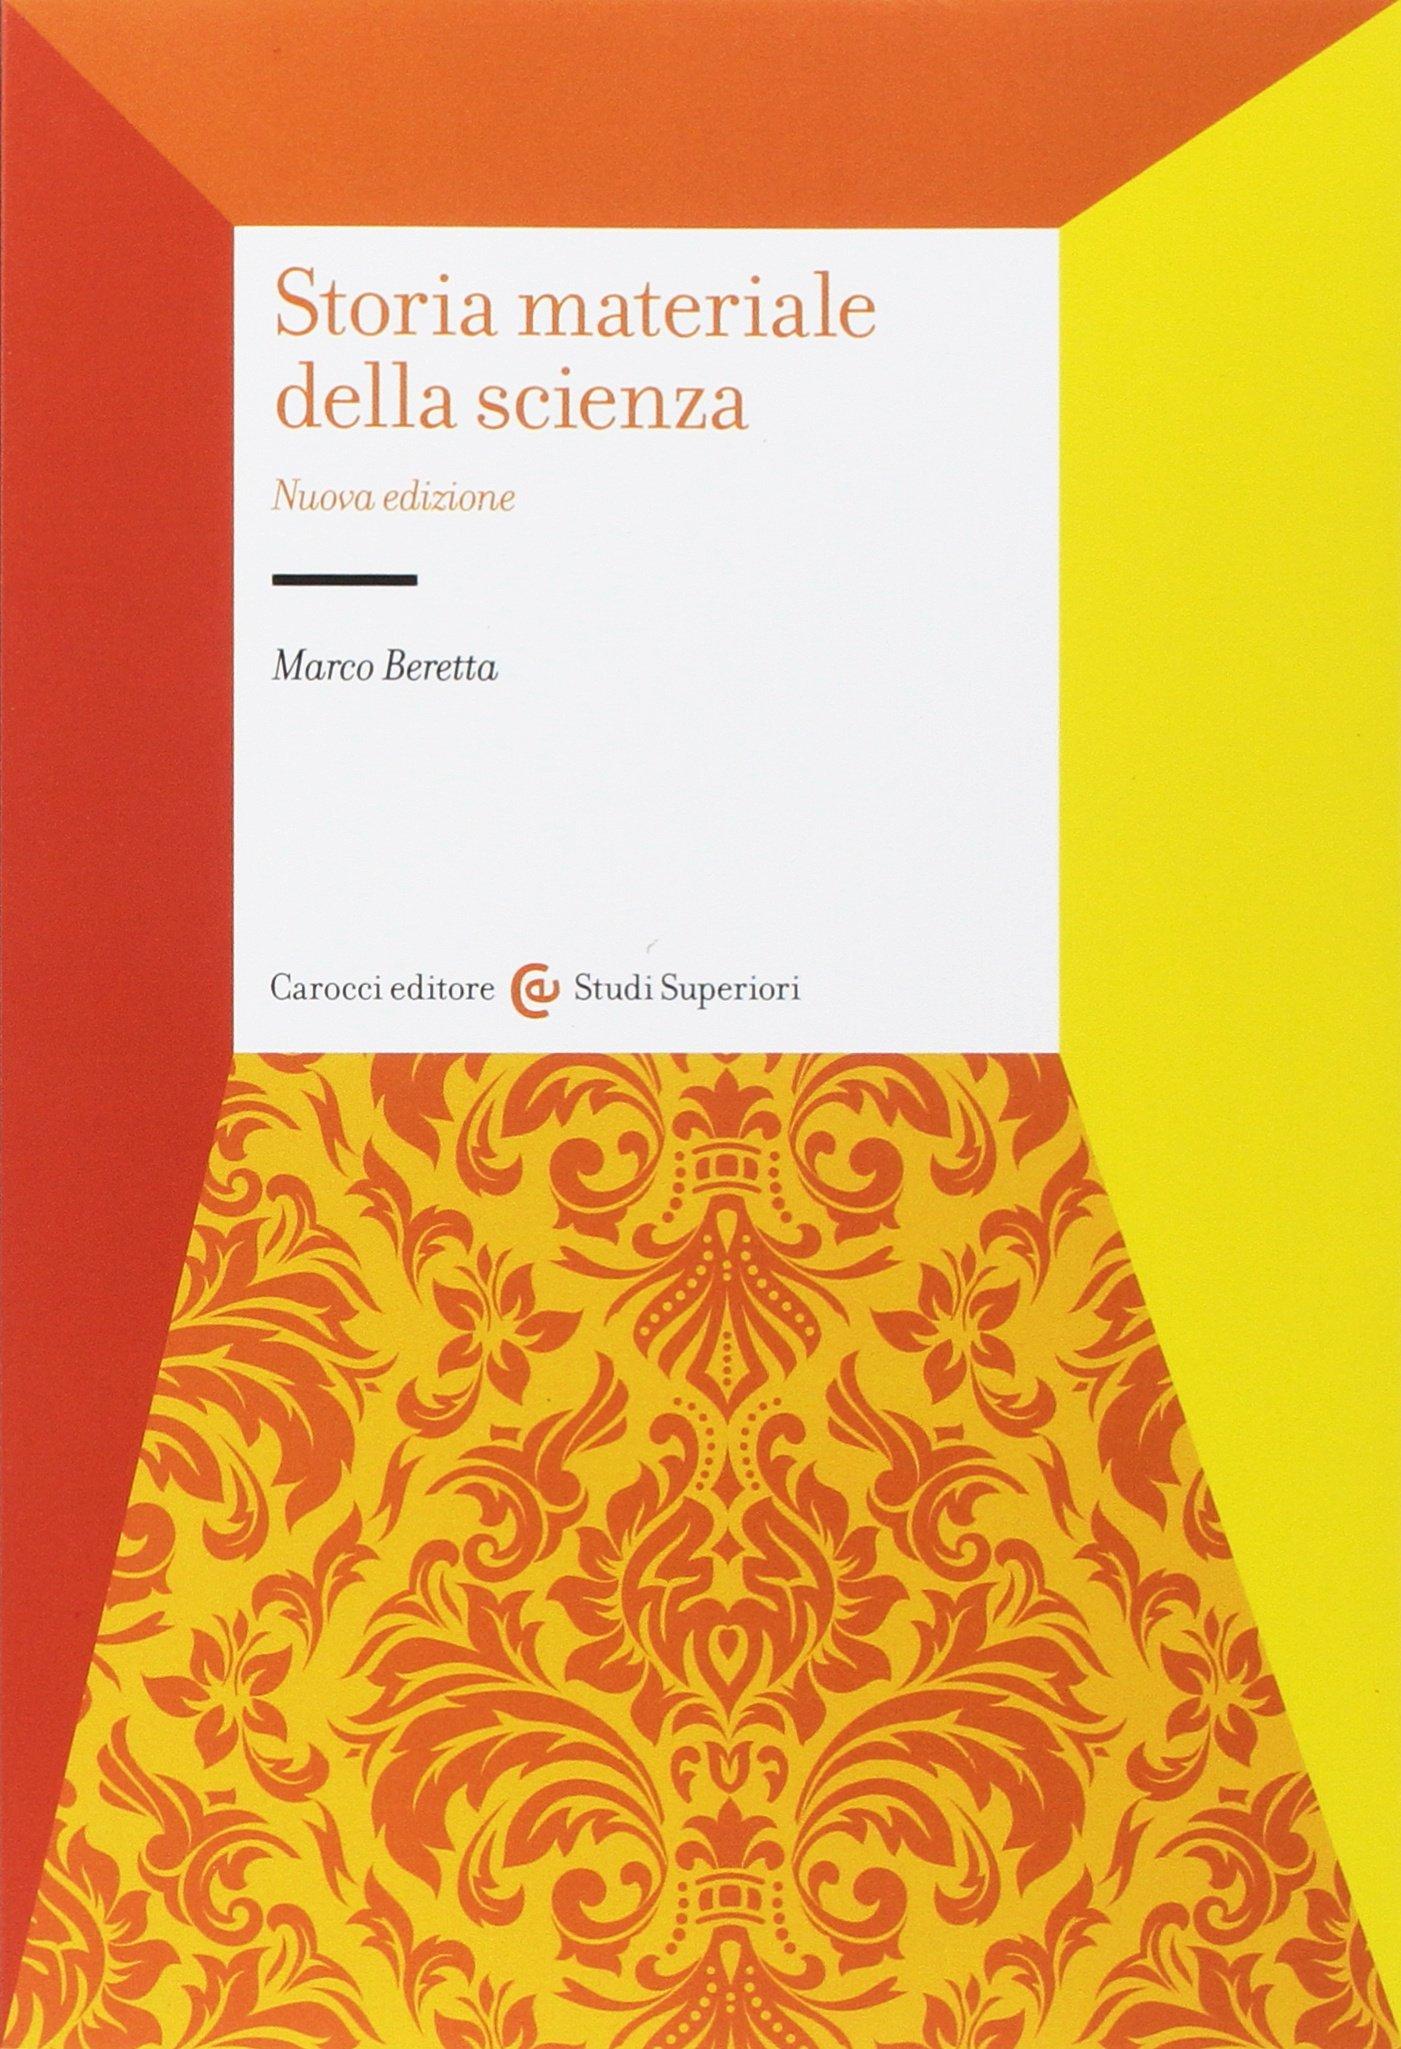 Materiale Marco itStoria Della Beretta Scienza Amazon Libri OPk8wN0nX